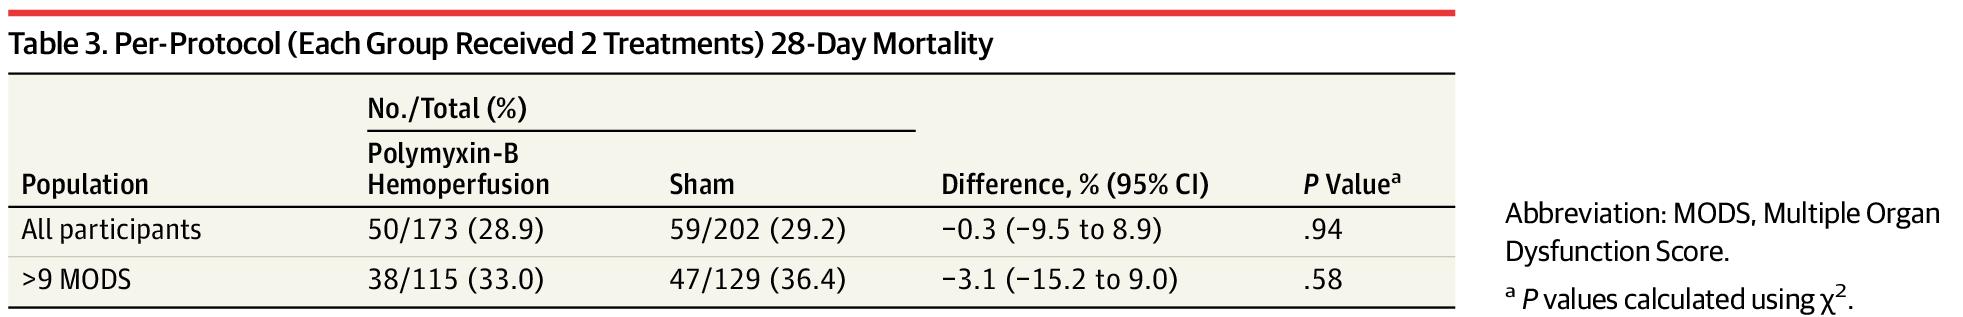 [JAMA最新论文]:EUPHRATES试验证实,多粘菌素B血液灌流不能降低感染性休克的病死率